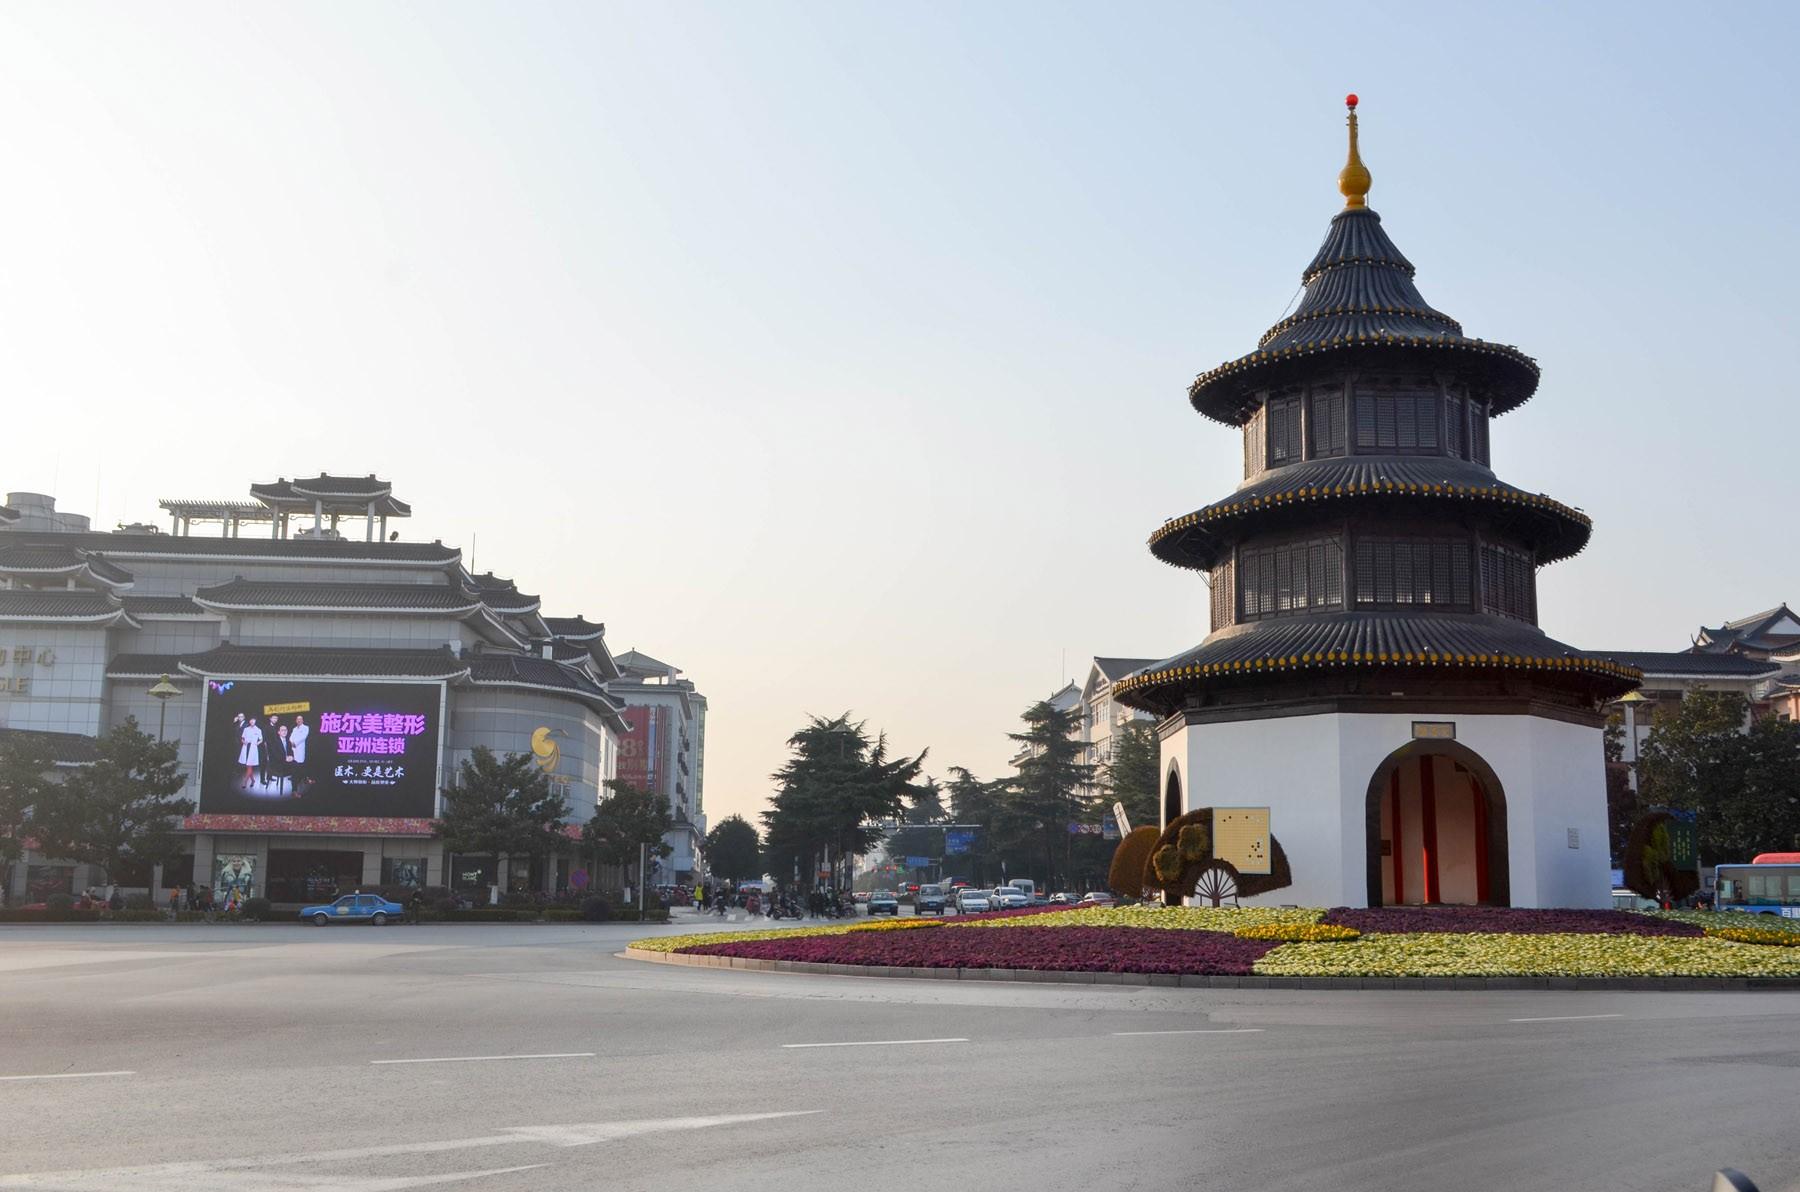 yangzhou_24320455512_o